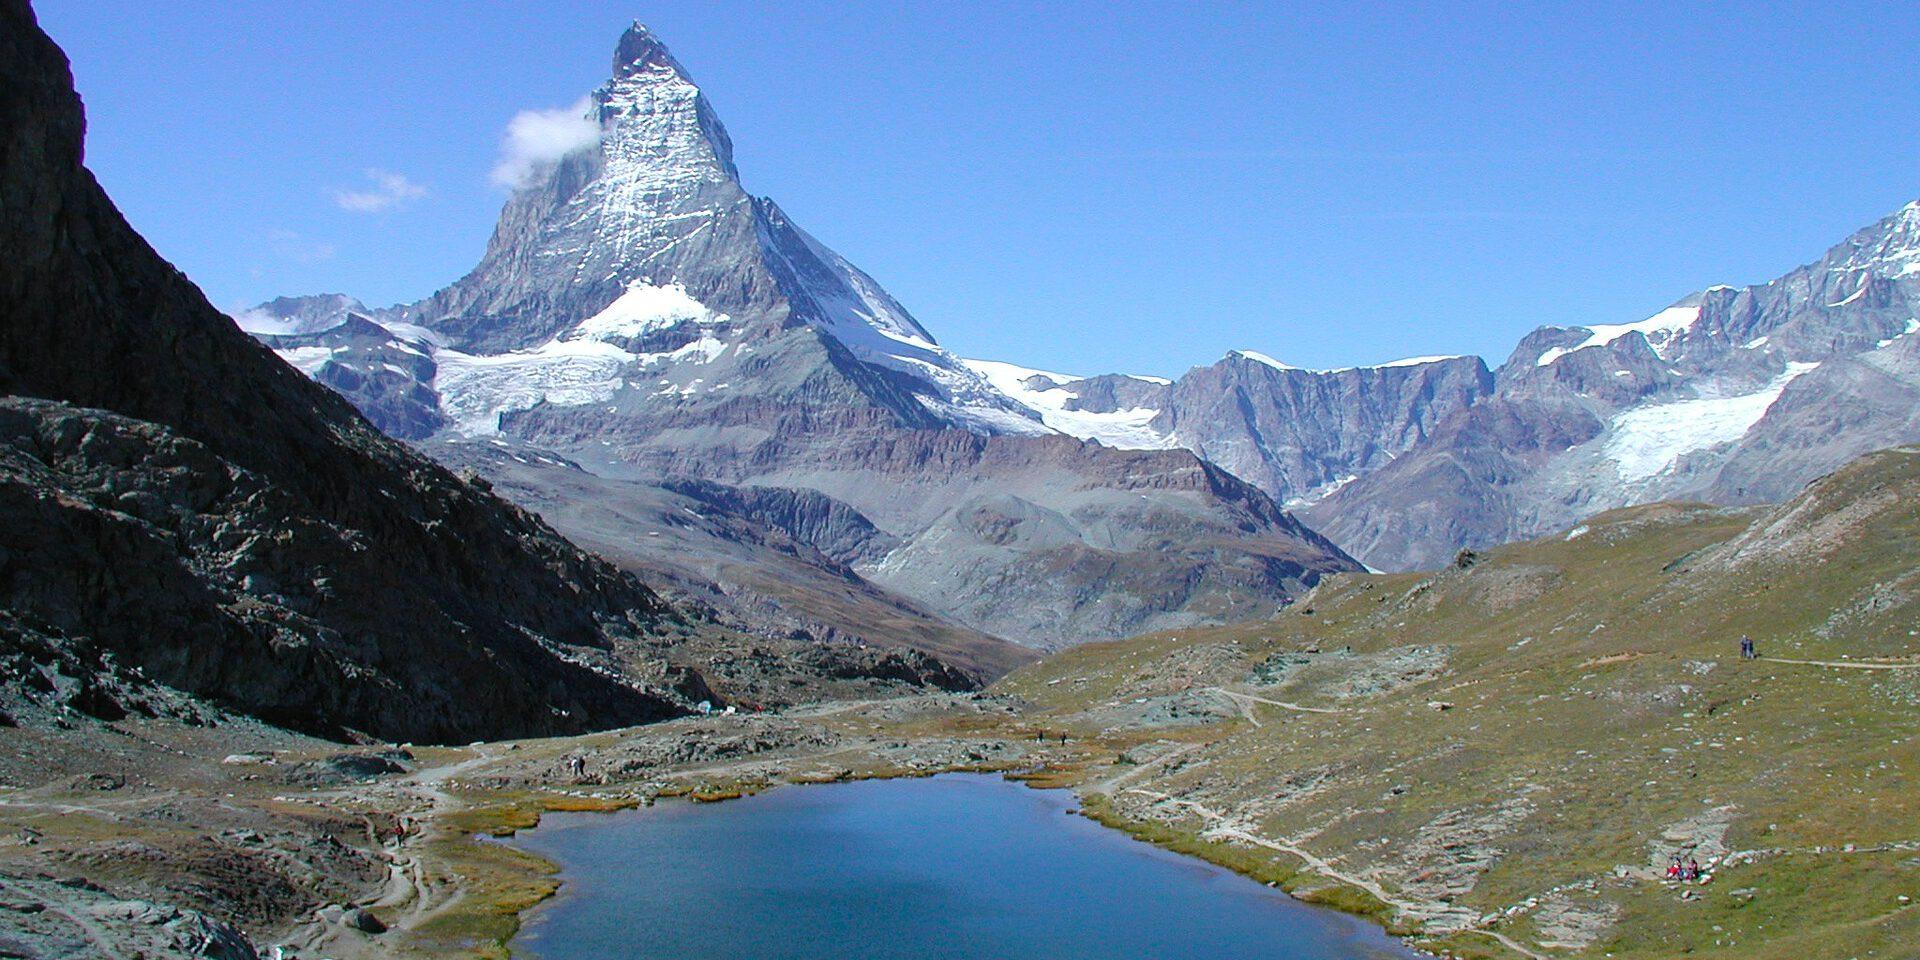 Klein bergmeertje met op achtergrond driehoekige bergtop